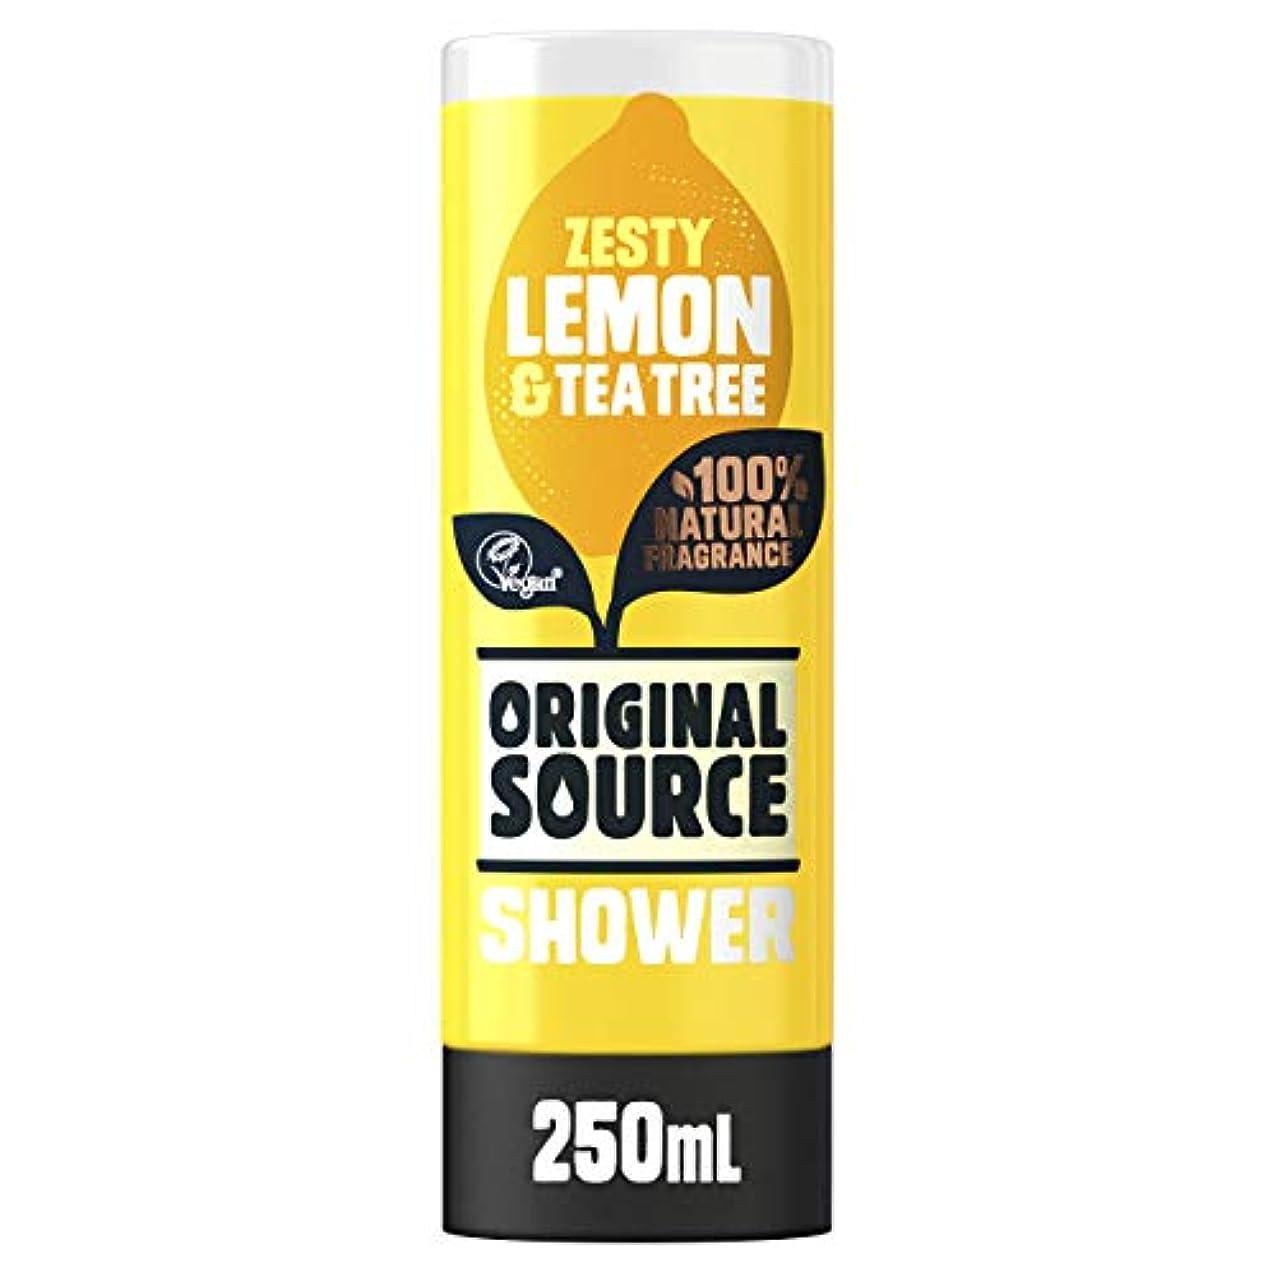 アブセイ追加するどこかCussons Lemon and Tea Tree Original Source Shower Gel by PZ CUSSONS (UK) LTD